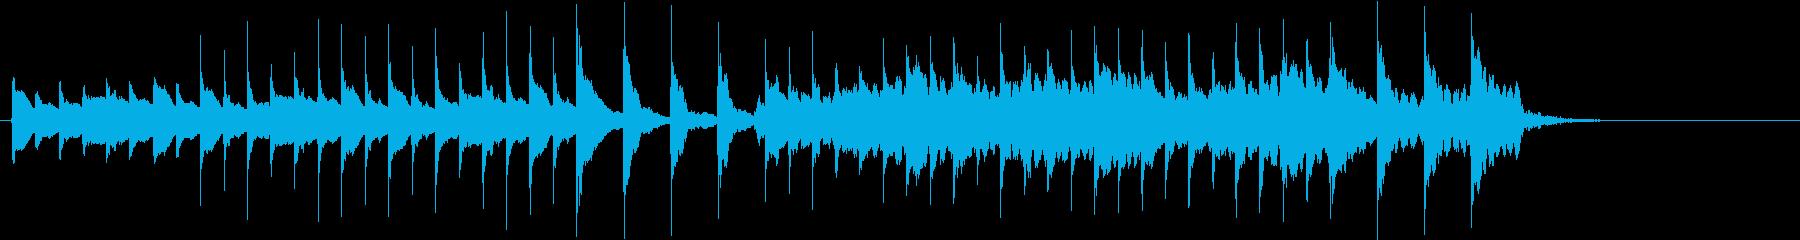 琴・三味線・尺八・和!ジャポニカサウンドの再生済みの波形